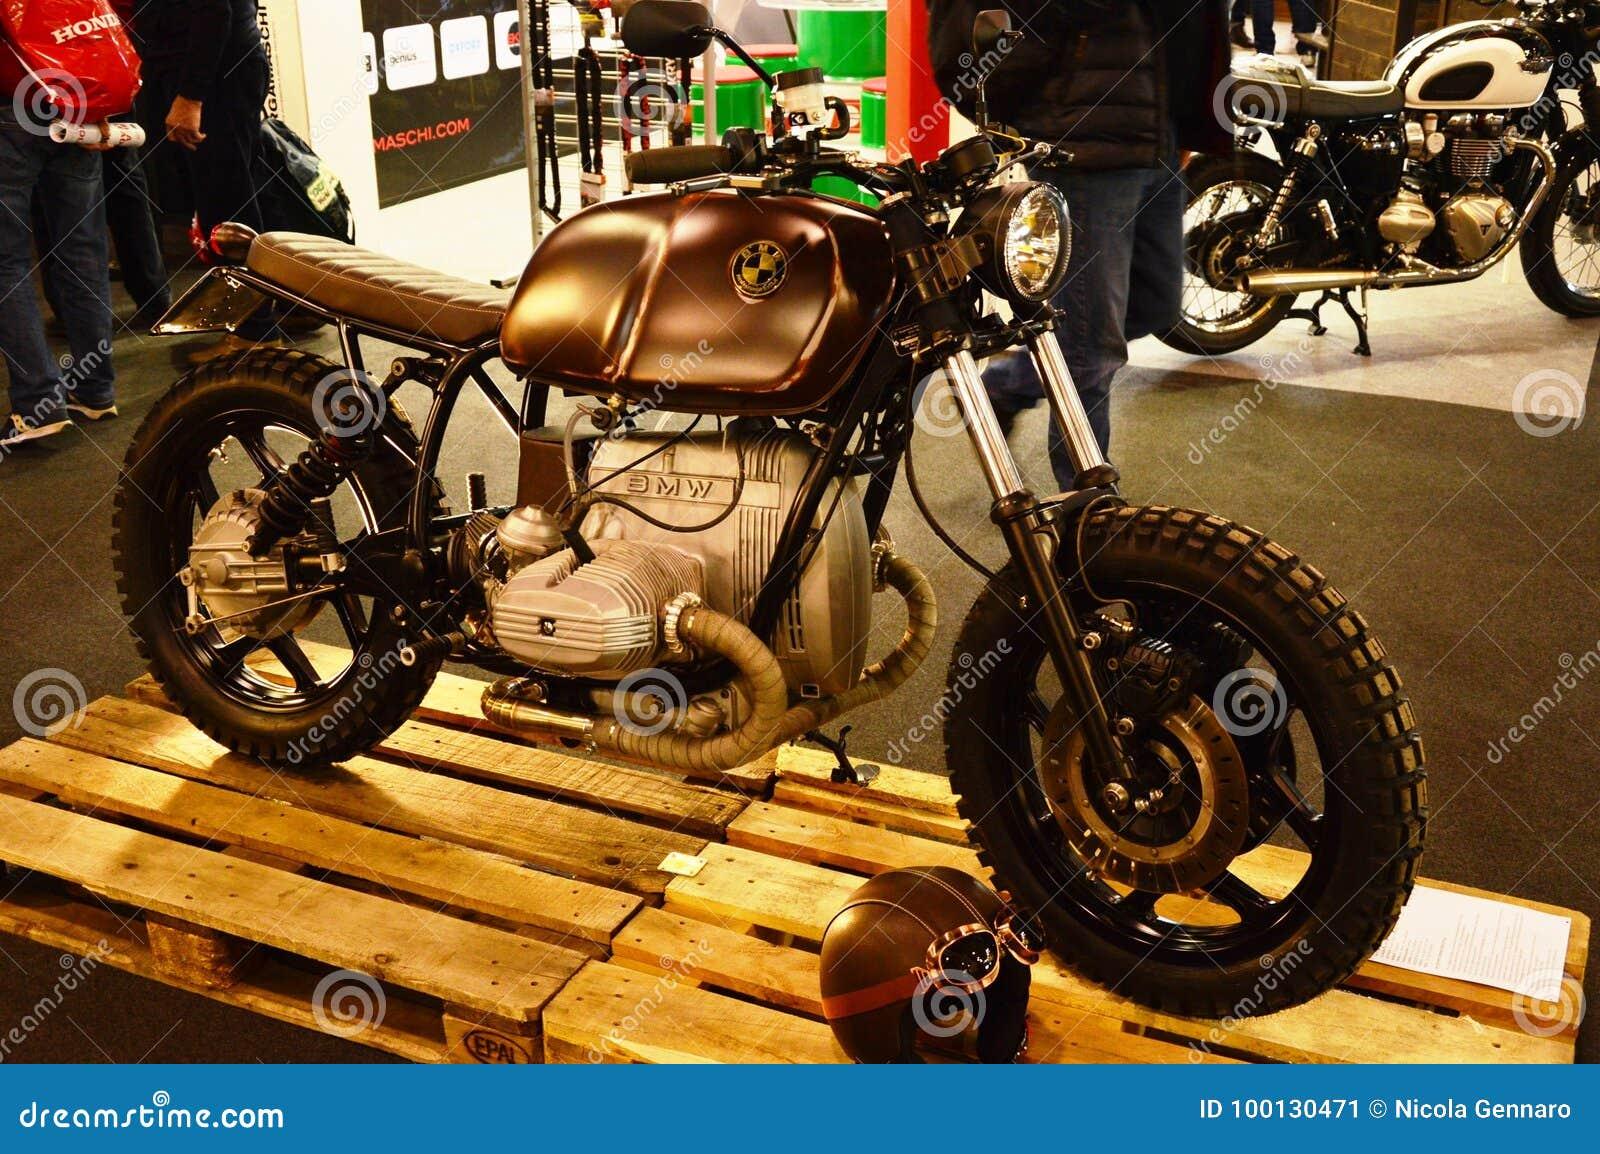 开汽车自行车商展,摩托车BMW咖啡馆竟赛者